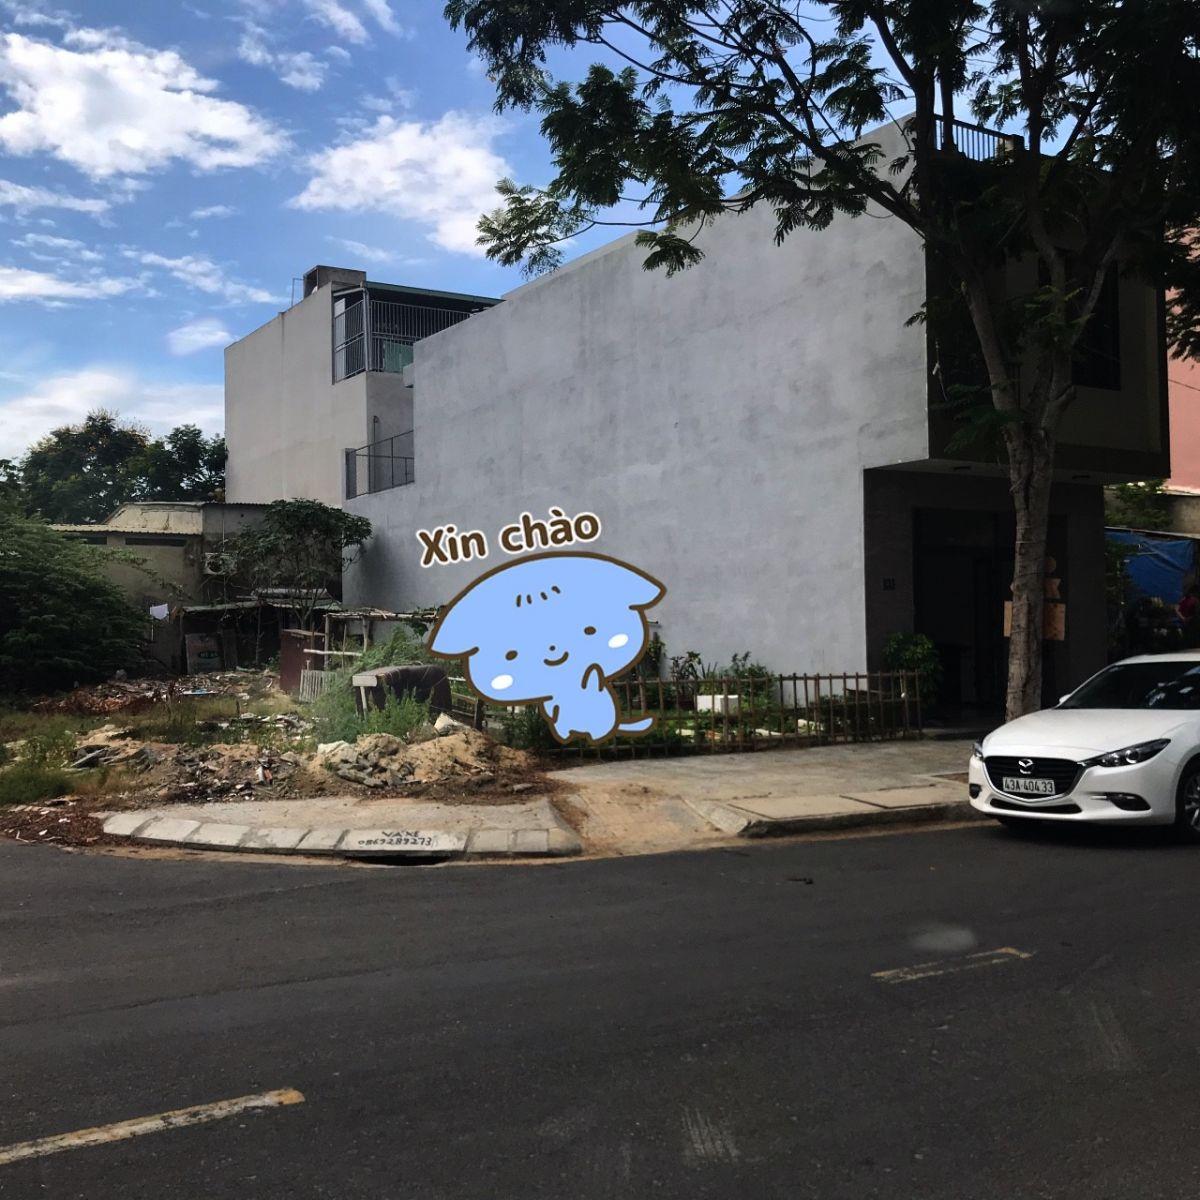 Bán đất 2 mặt tiền đường Ngô Thì Sĩ Biển Đà Nẵng